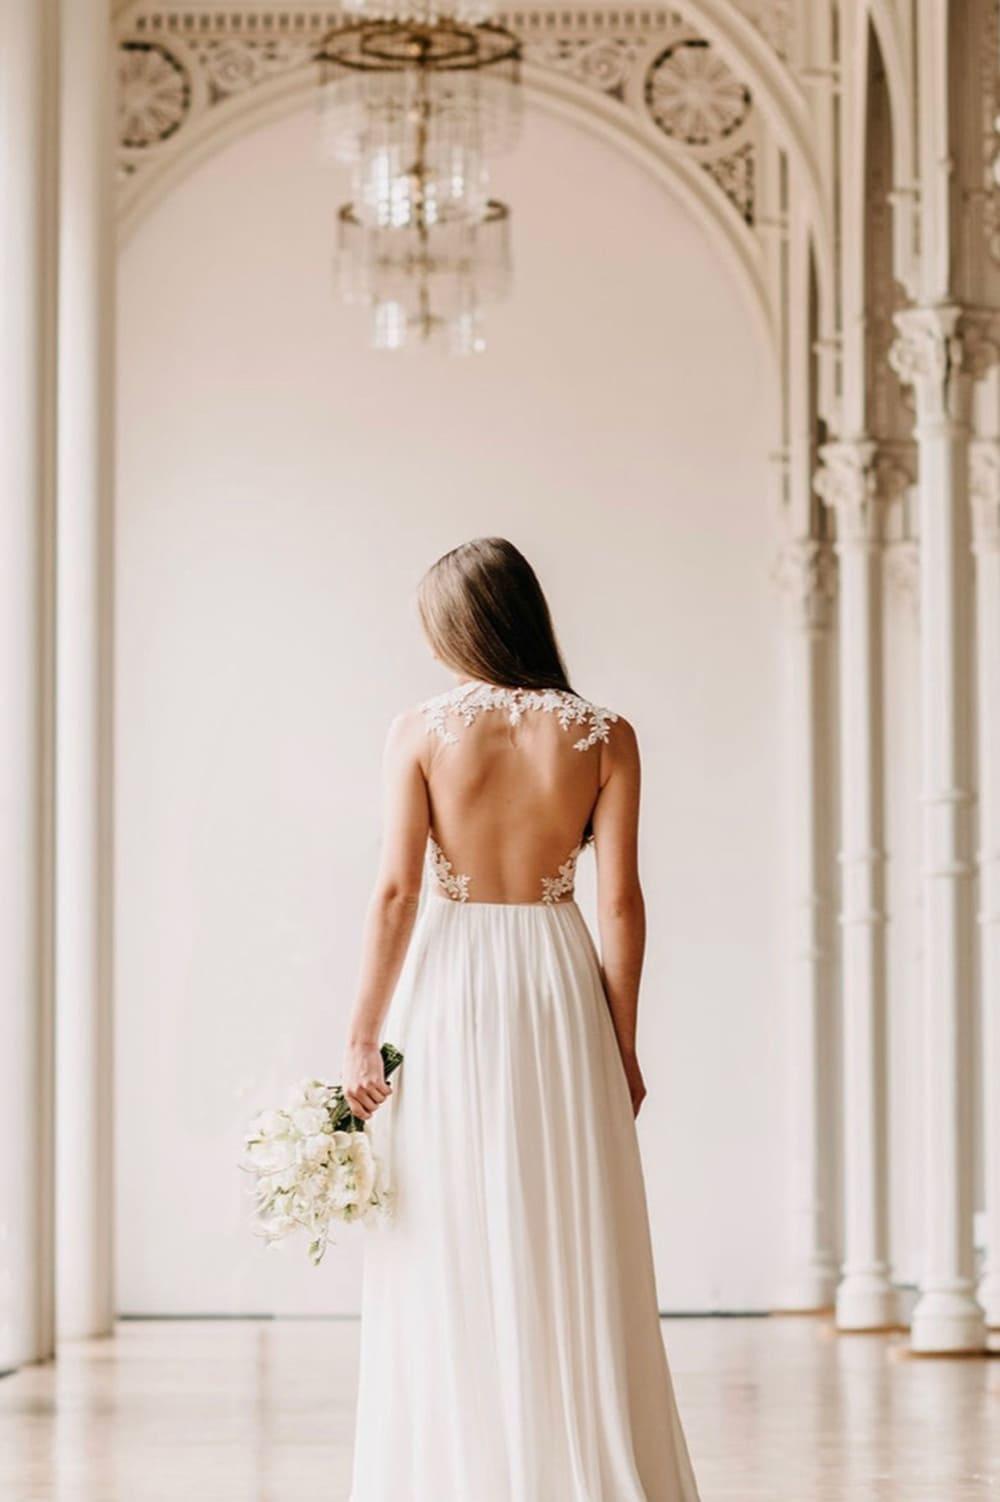 Rückansicht einer Braut mit Spitzen-Kleid und rotem Brautstrauß